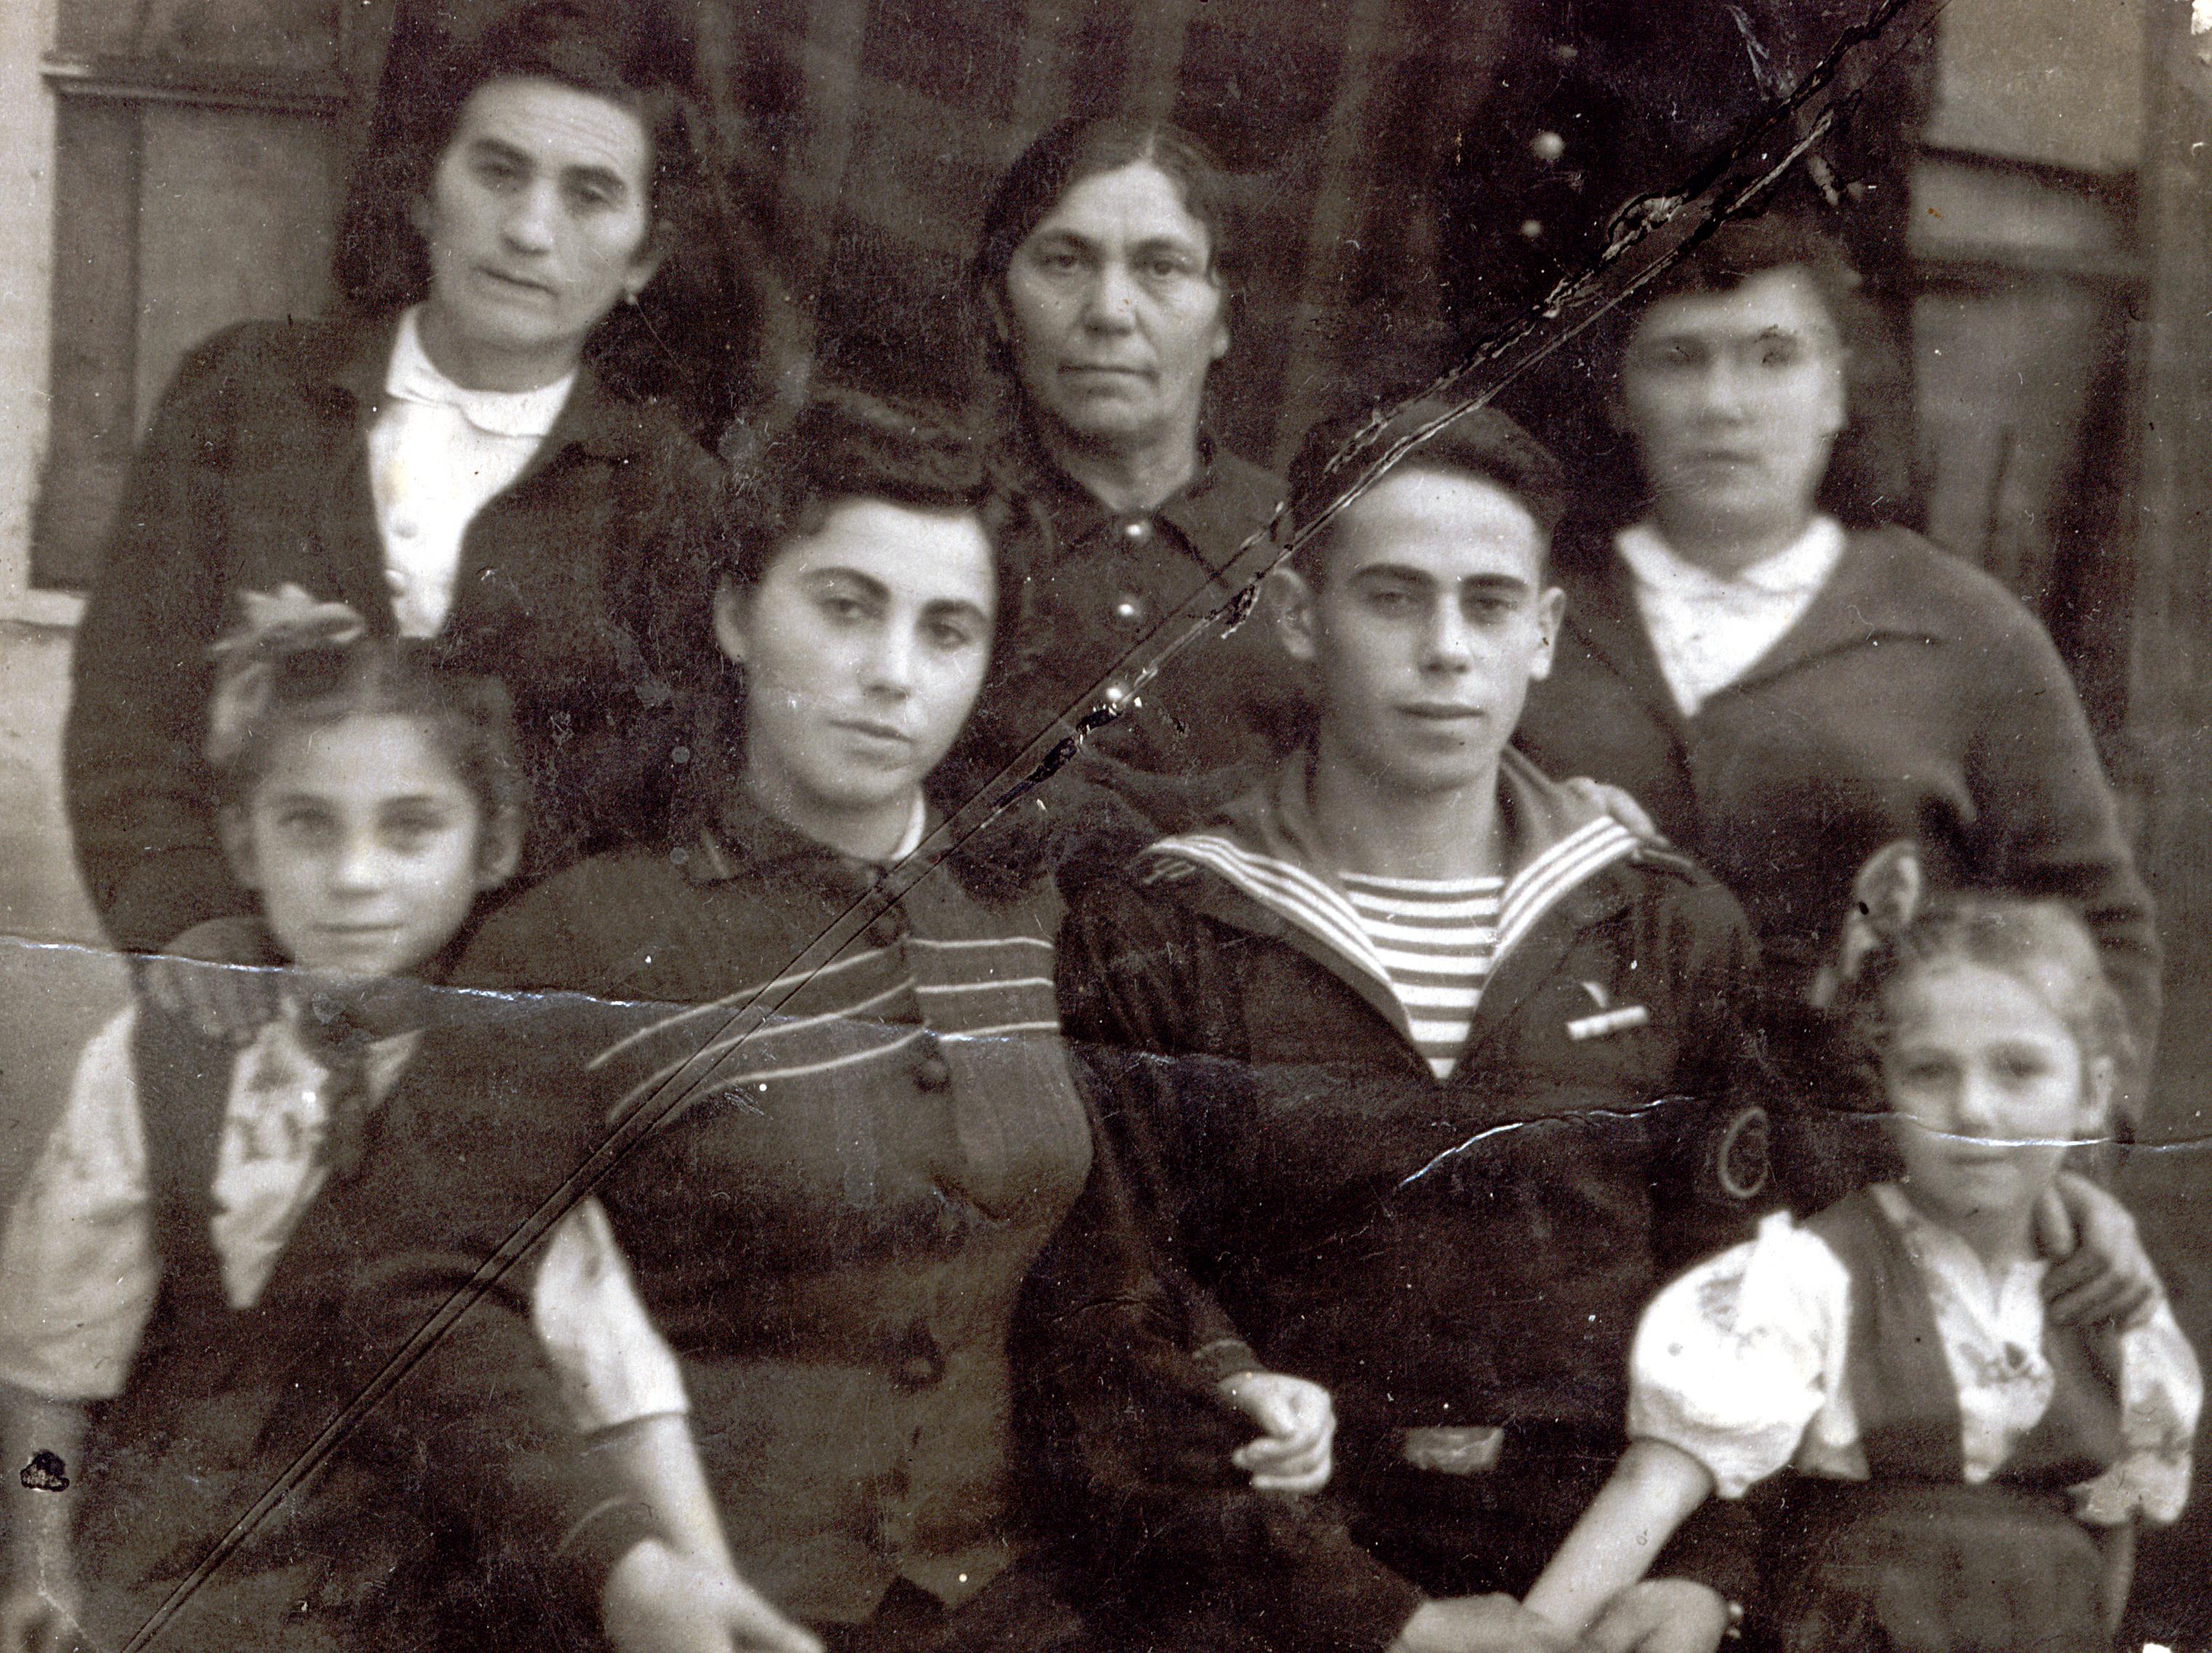 Yakov Driz's family